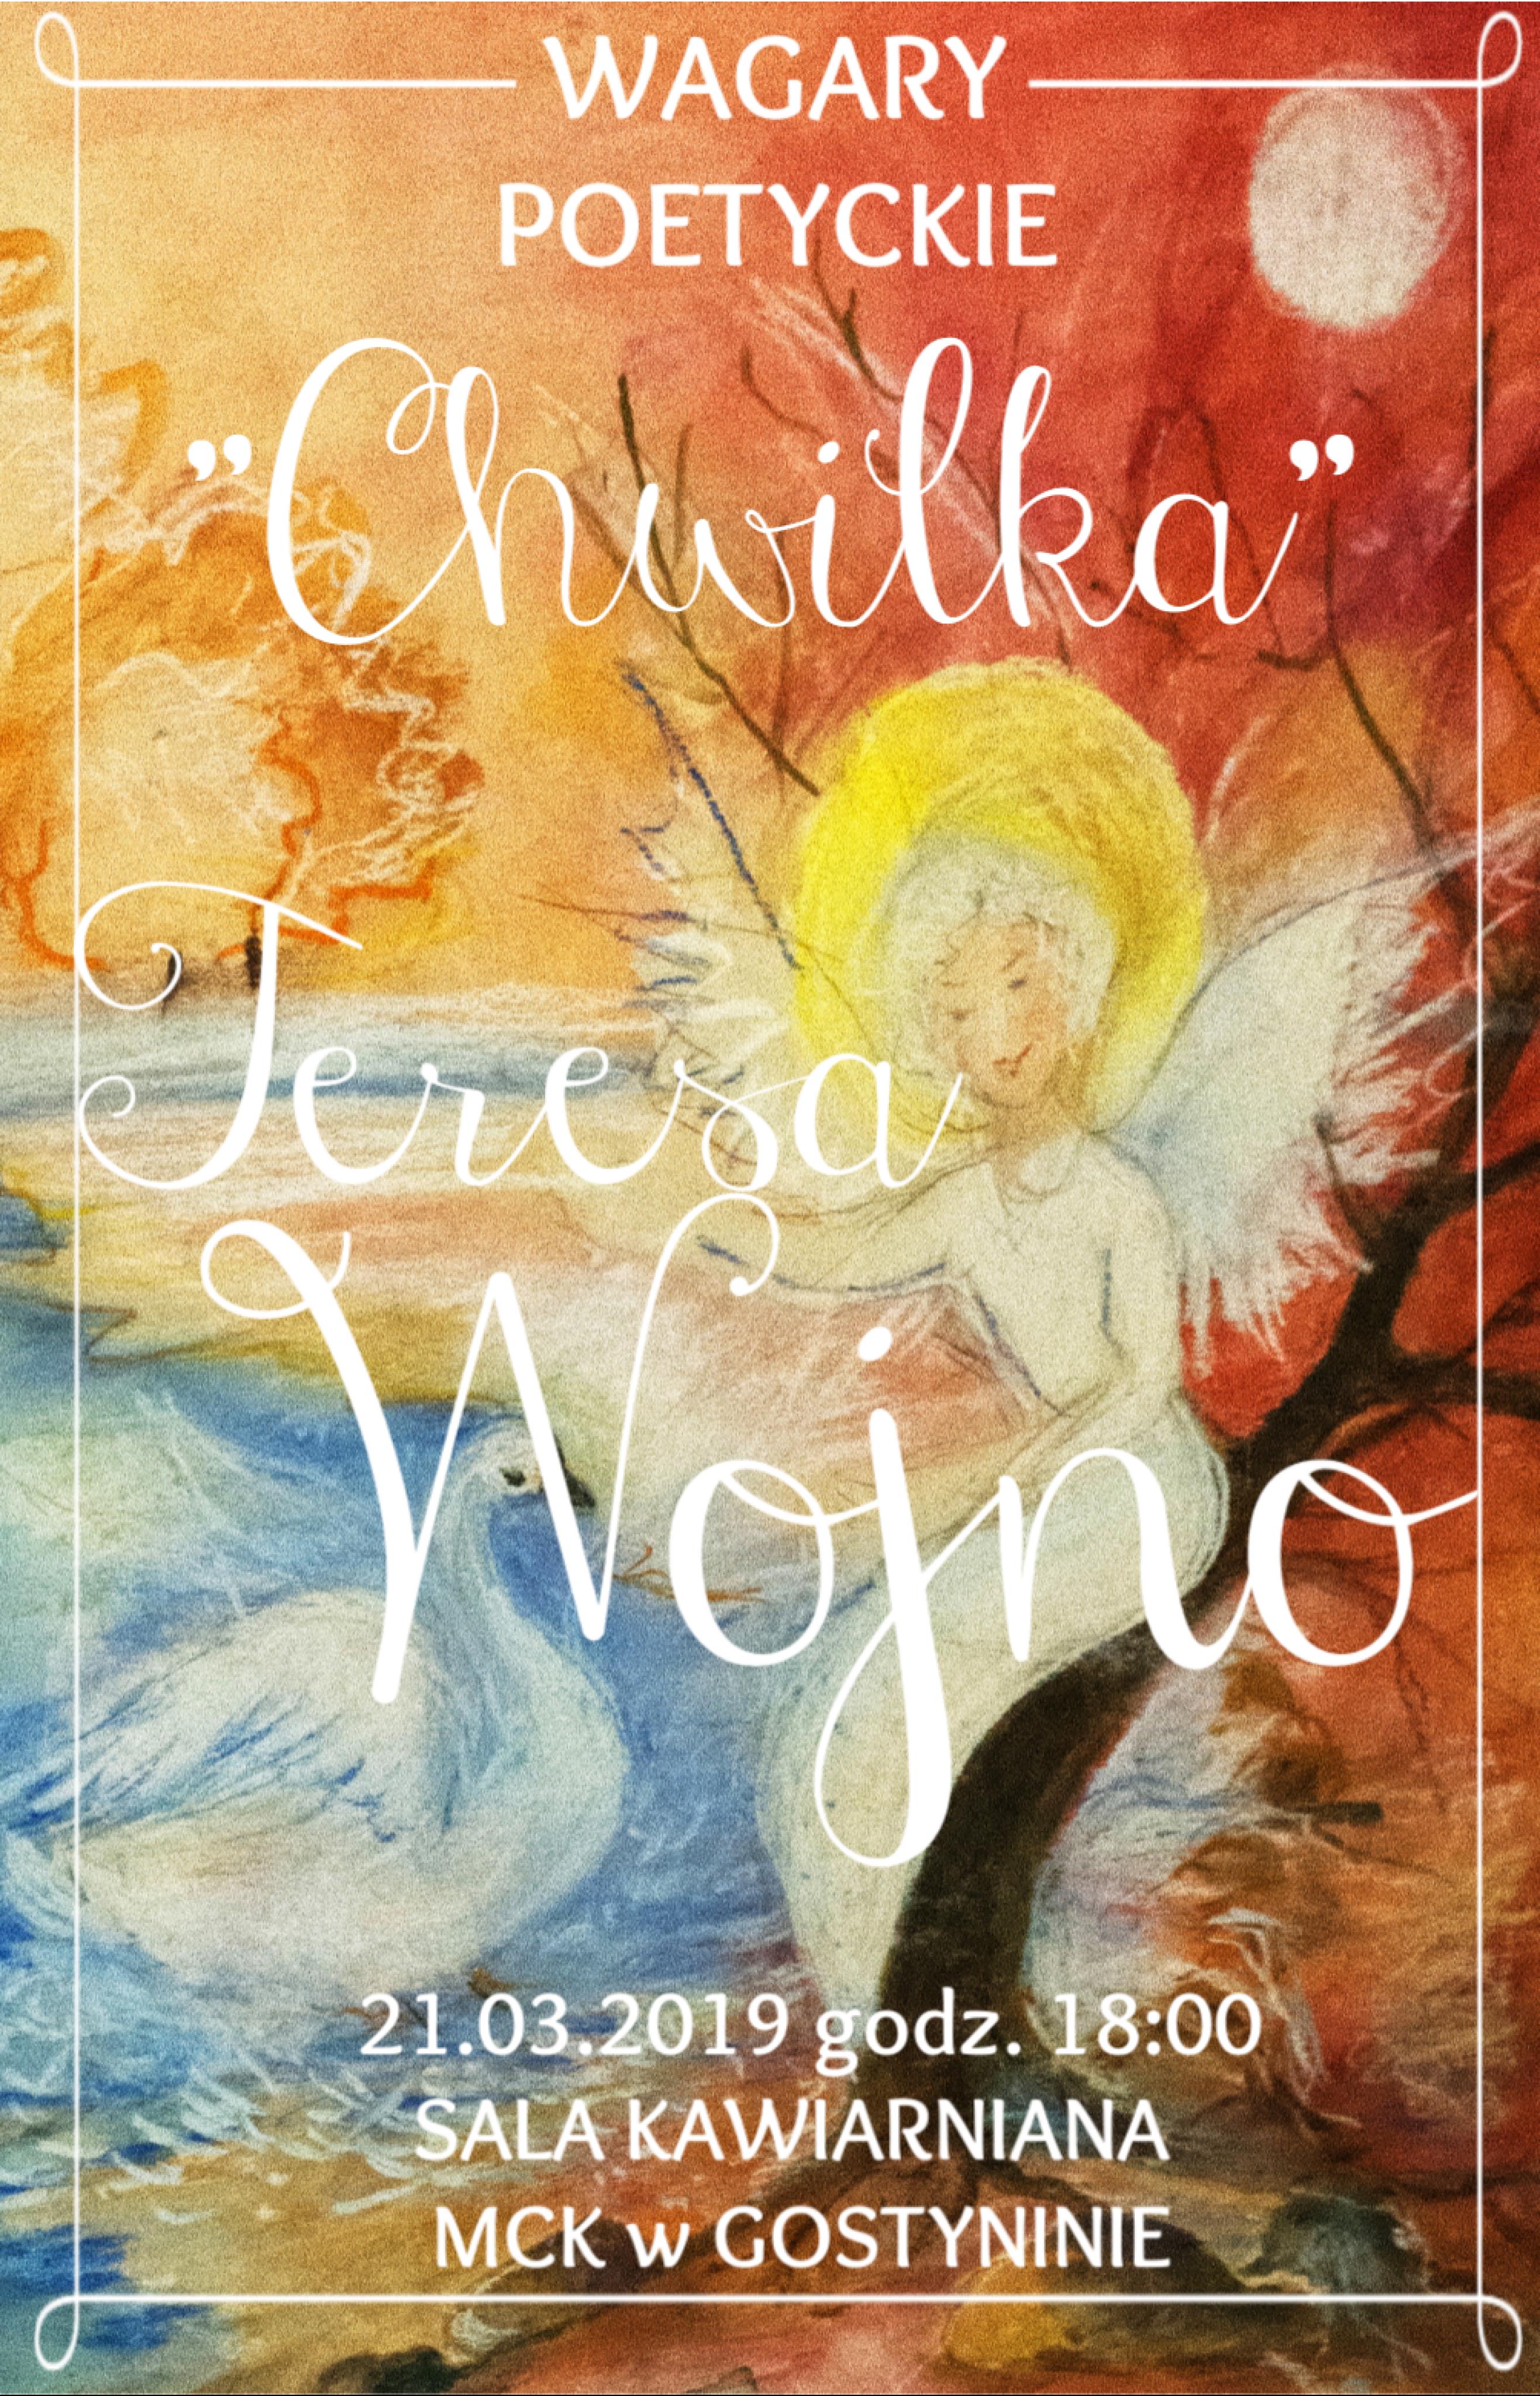 """Wagary poetyckie """"Chwilka""""- promocja tomiku wierszy Teresy Wojno"""